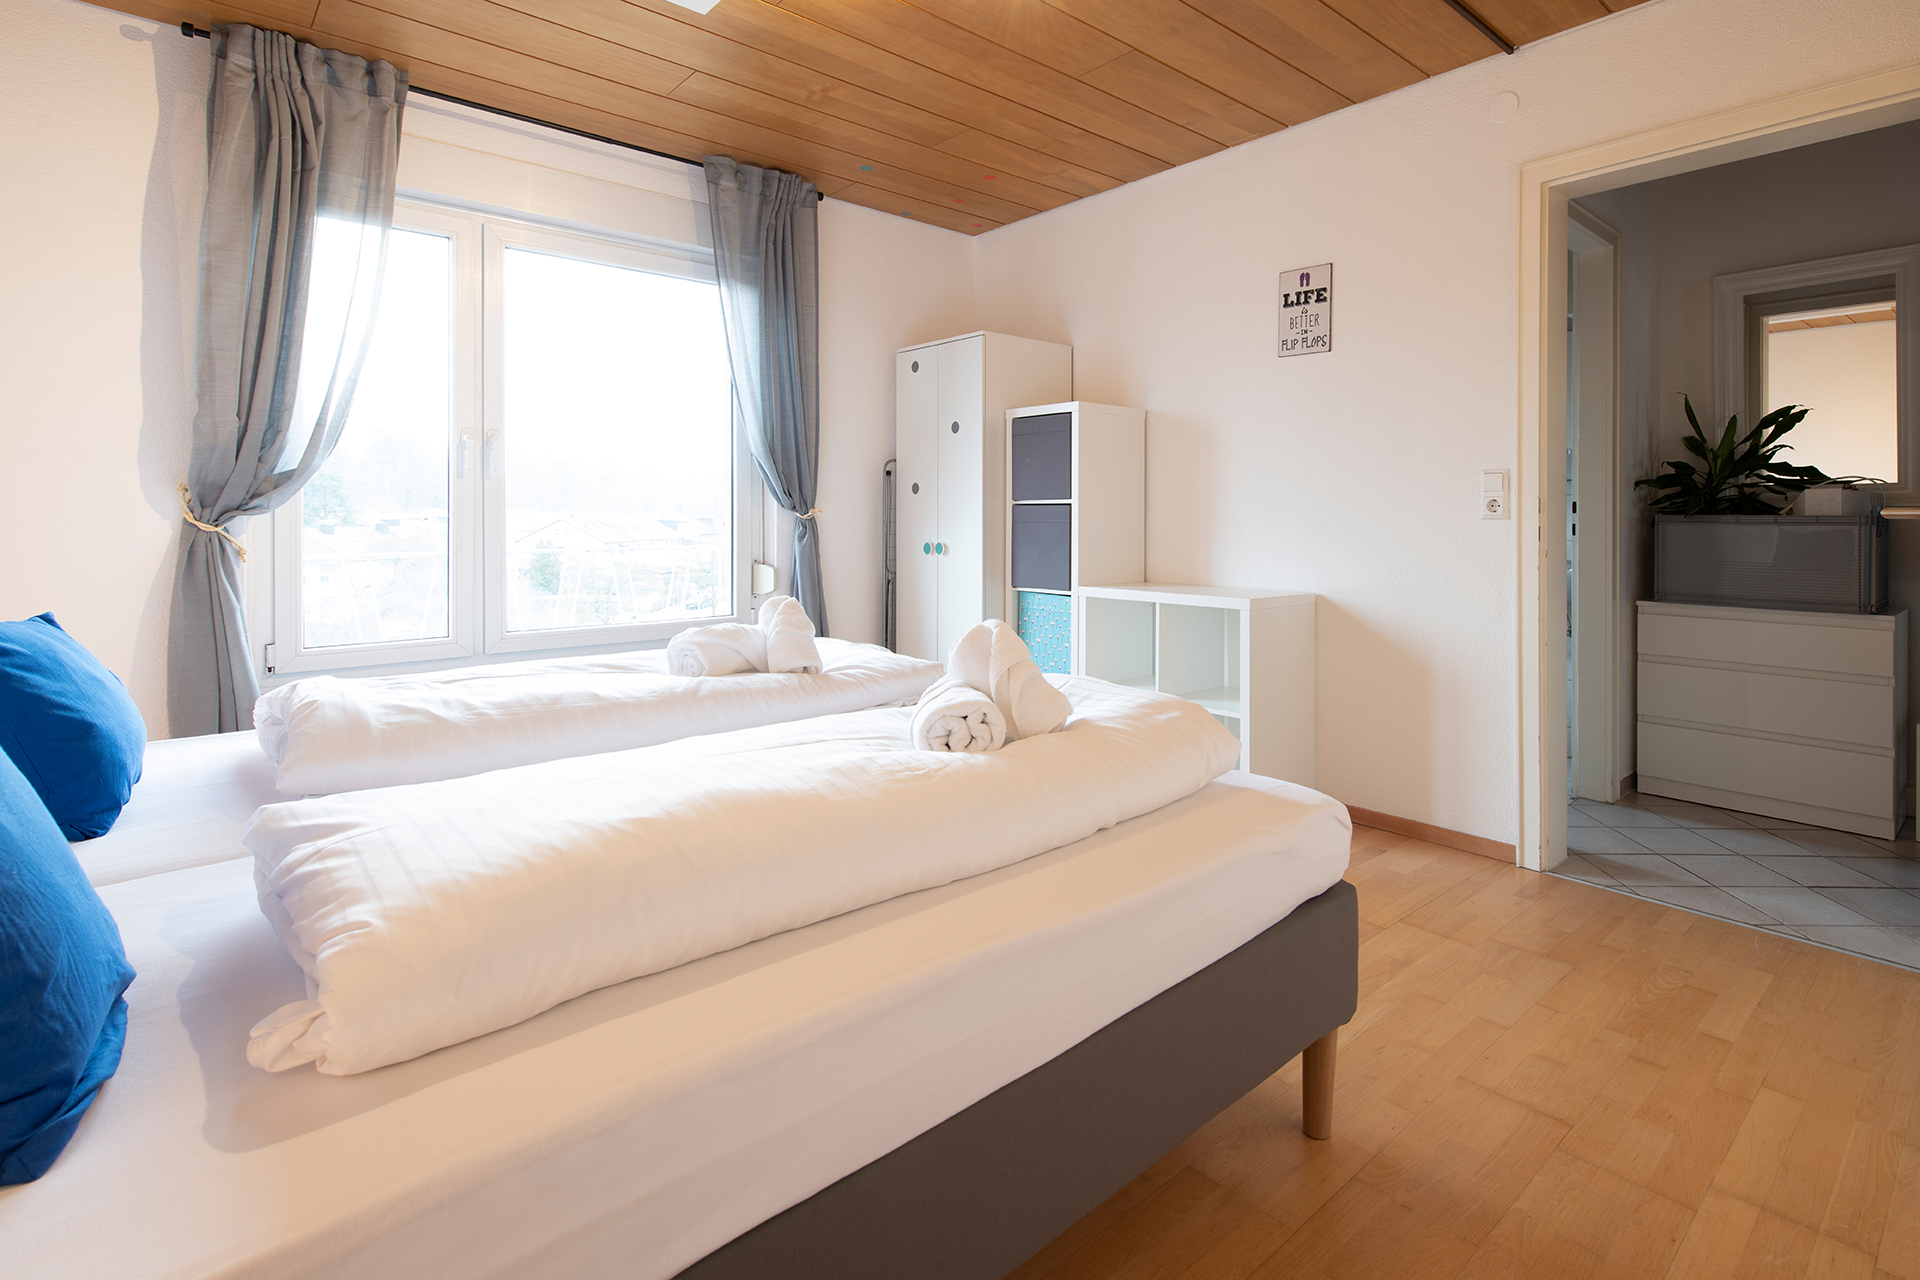 Ferienwohnung am Bodensee: Friedrichshafen - Schlafzimmer